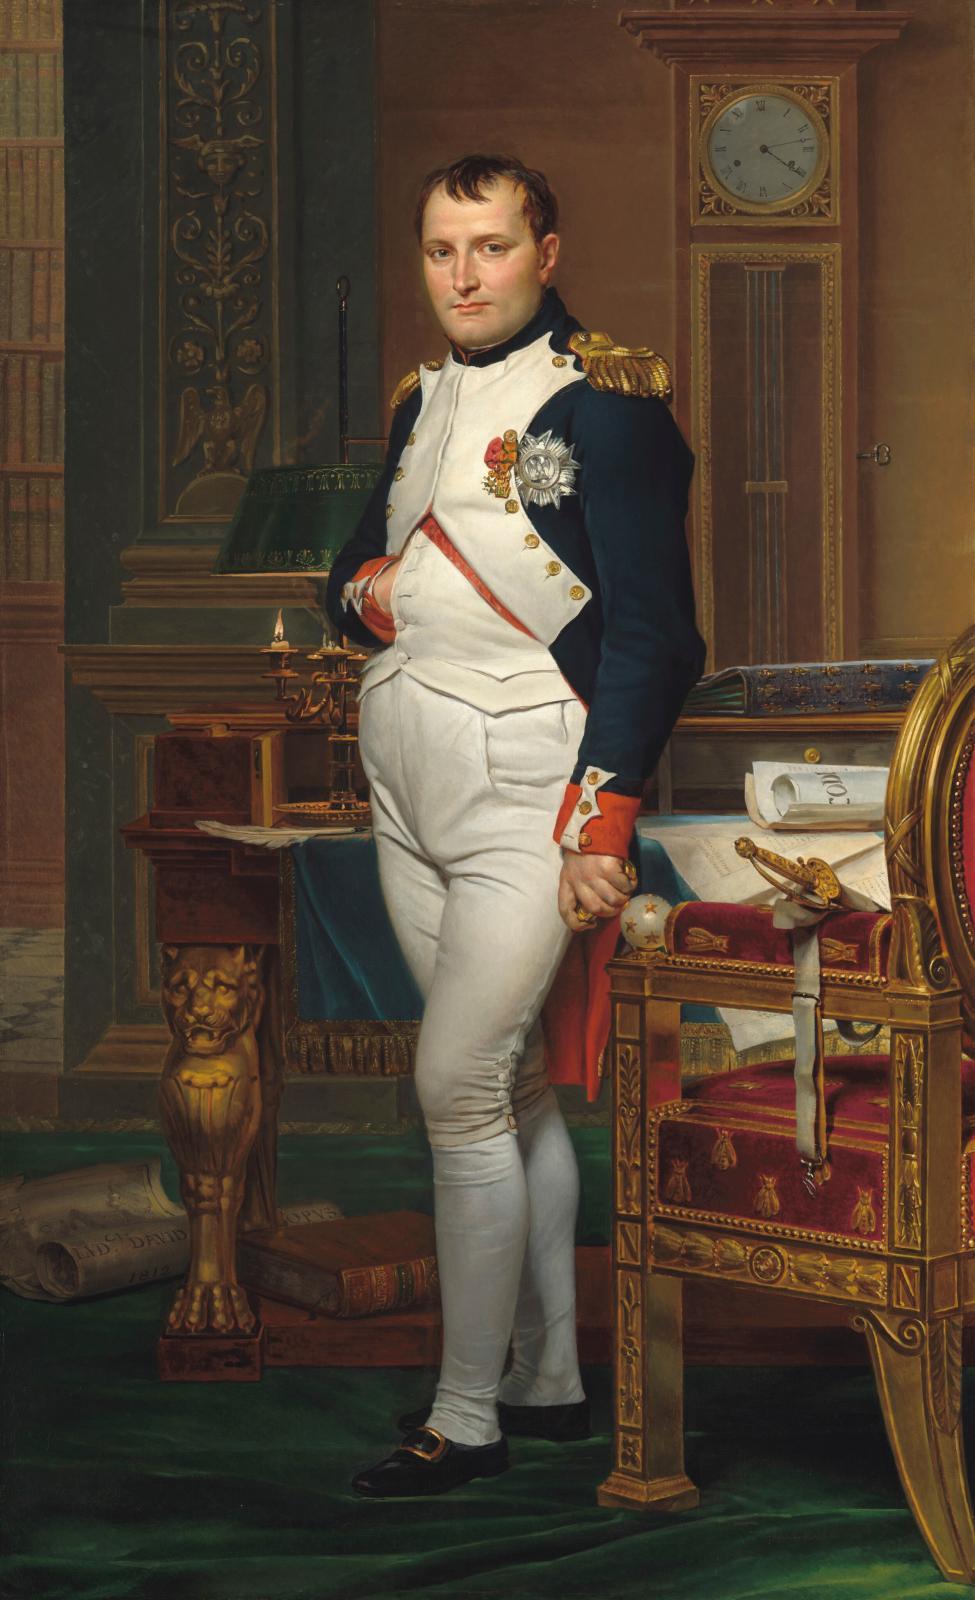 Jacques Louis David (1748-1825), Napoléon dans son cabinet de travail aux Tuileries, 1812, huile sur toile, 204x125cm, Washington, Nati